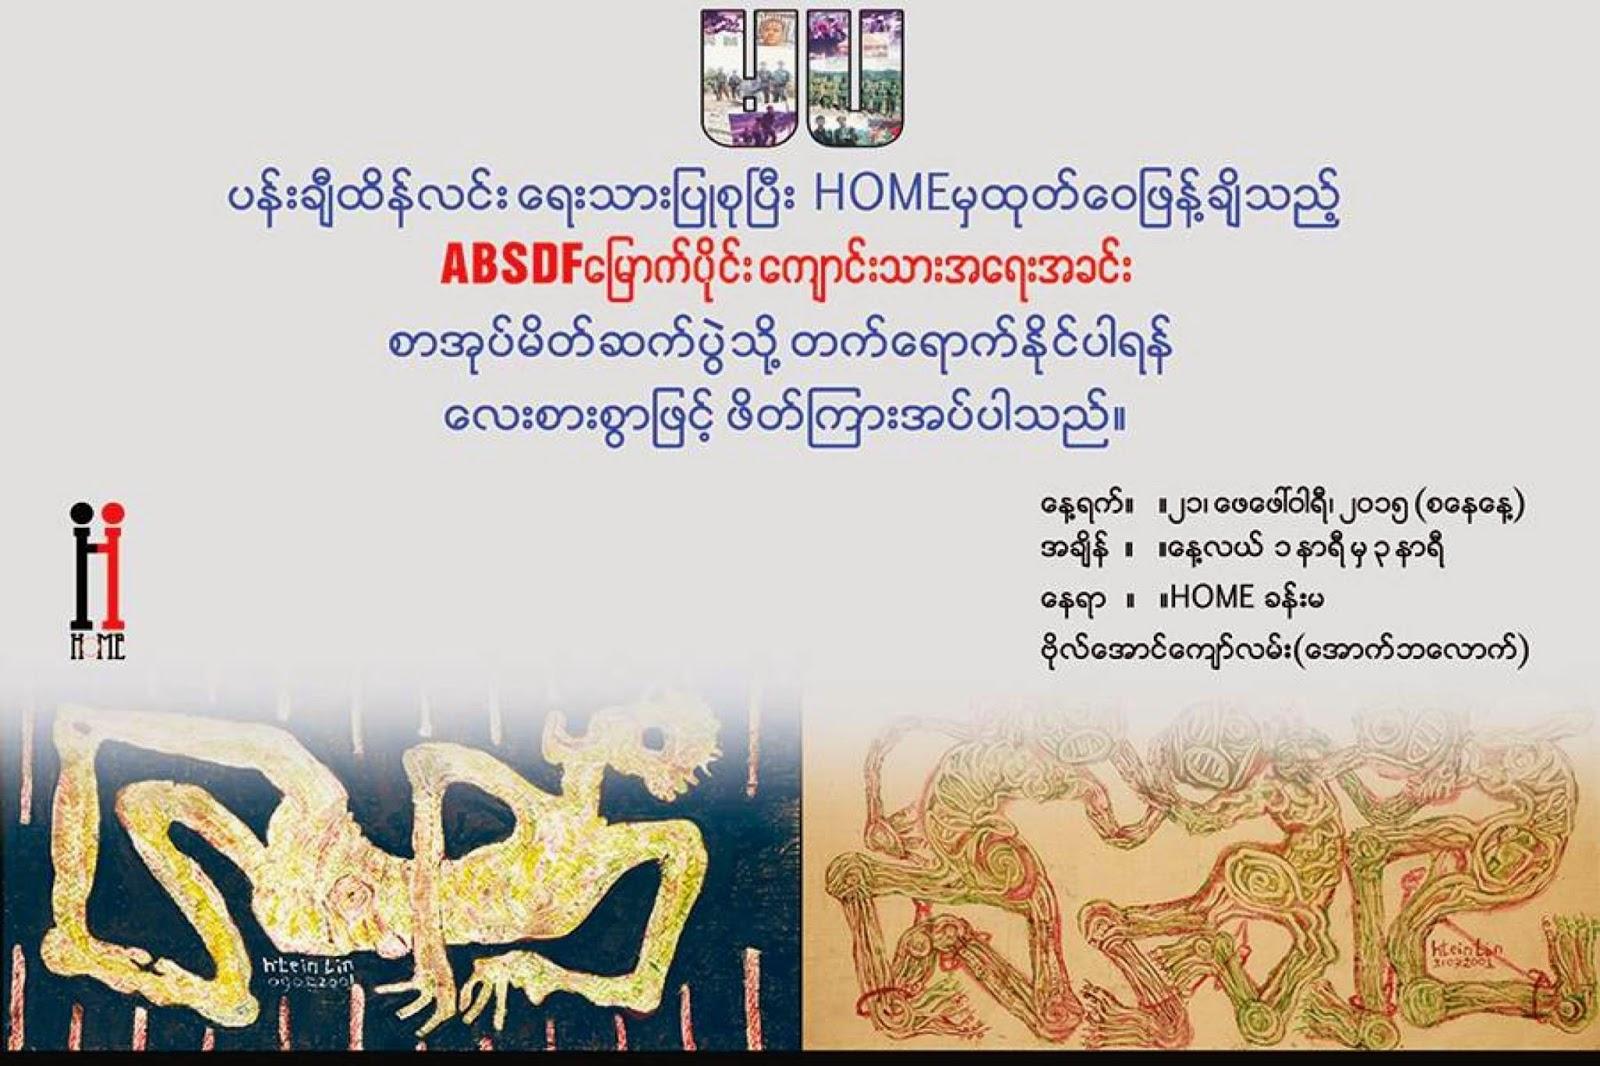 ပန္းခ်ီ ထိန္လင္း၏ 'မပ' စာအုပ္ ထြက္မည္